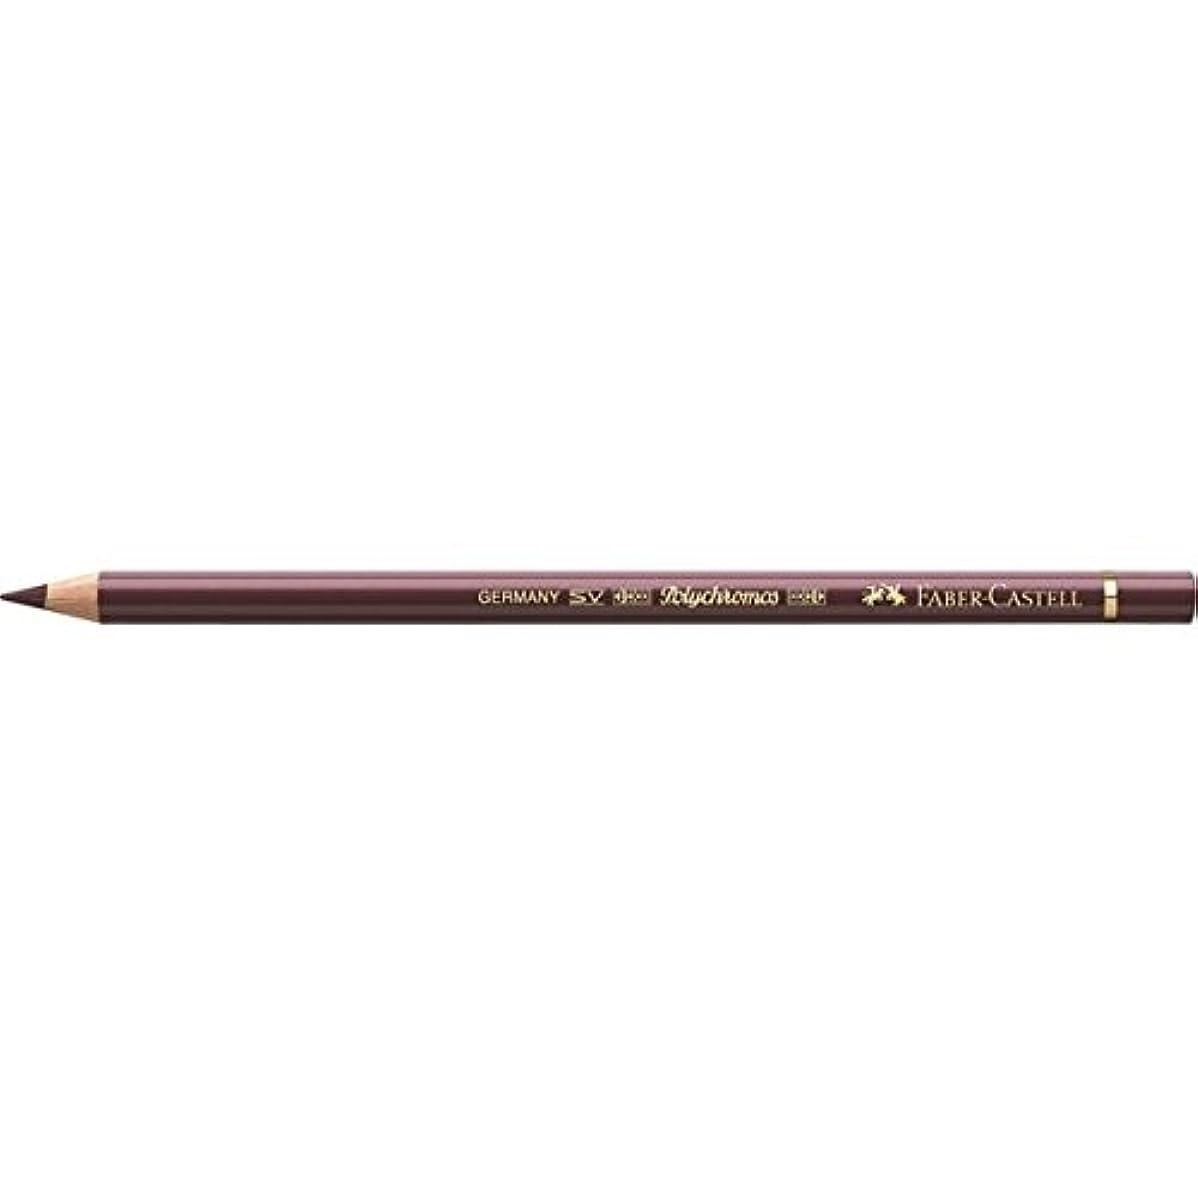 葉同情ペグポリクロモス色鉛筆 263 カプトゥルトゥームバイオレット